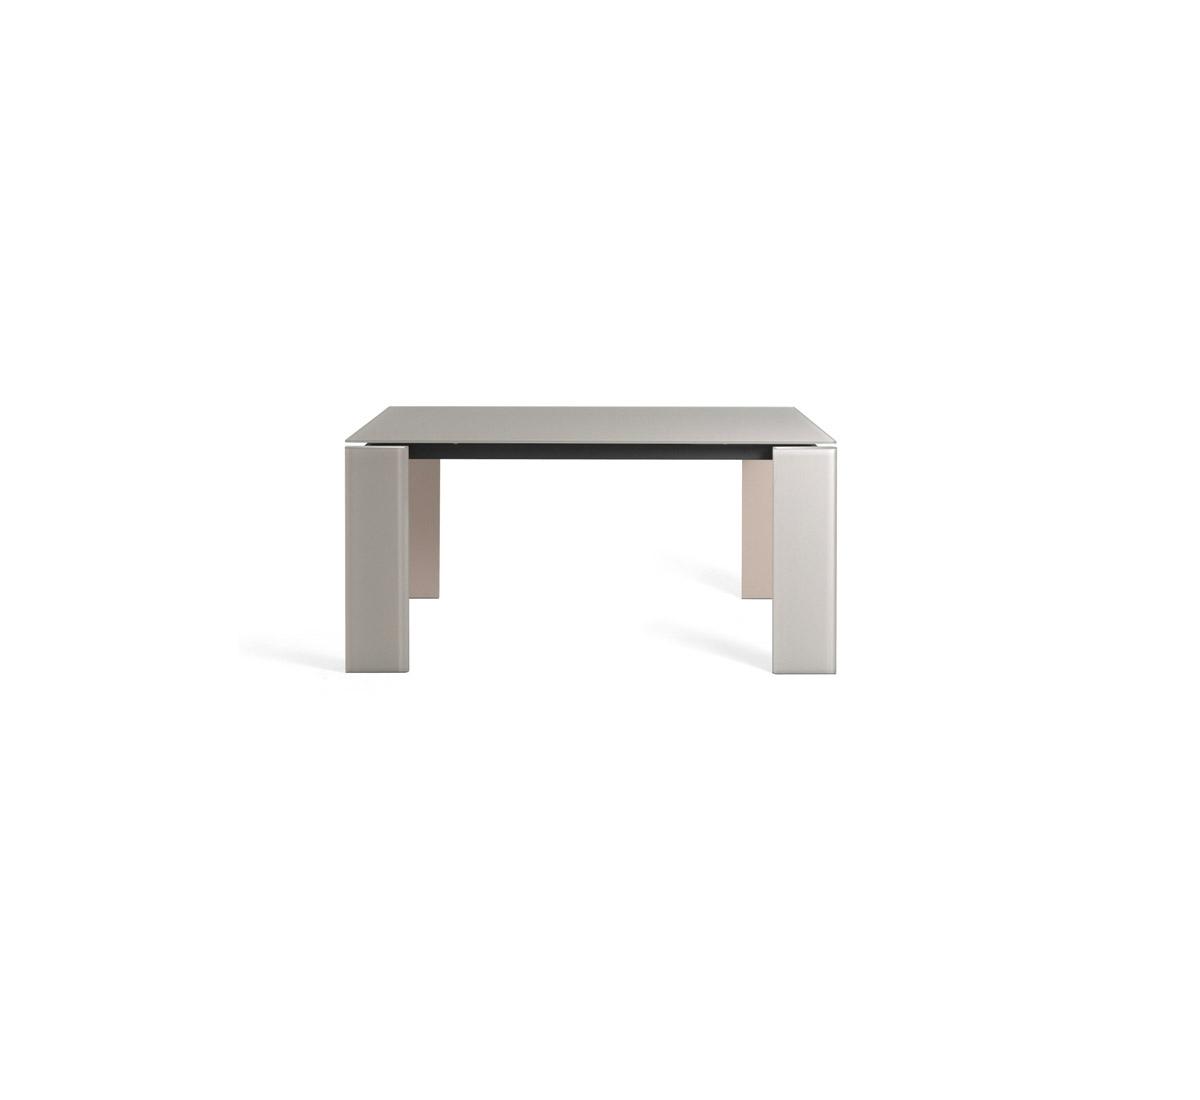 Tavoli Cristallo Allungabili Reflex.Slide 72 2 Tavolo Allungabile Reflex Mohd Shop